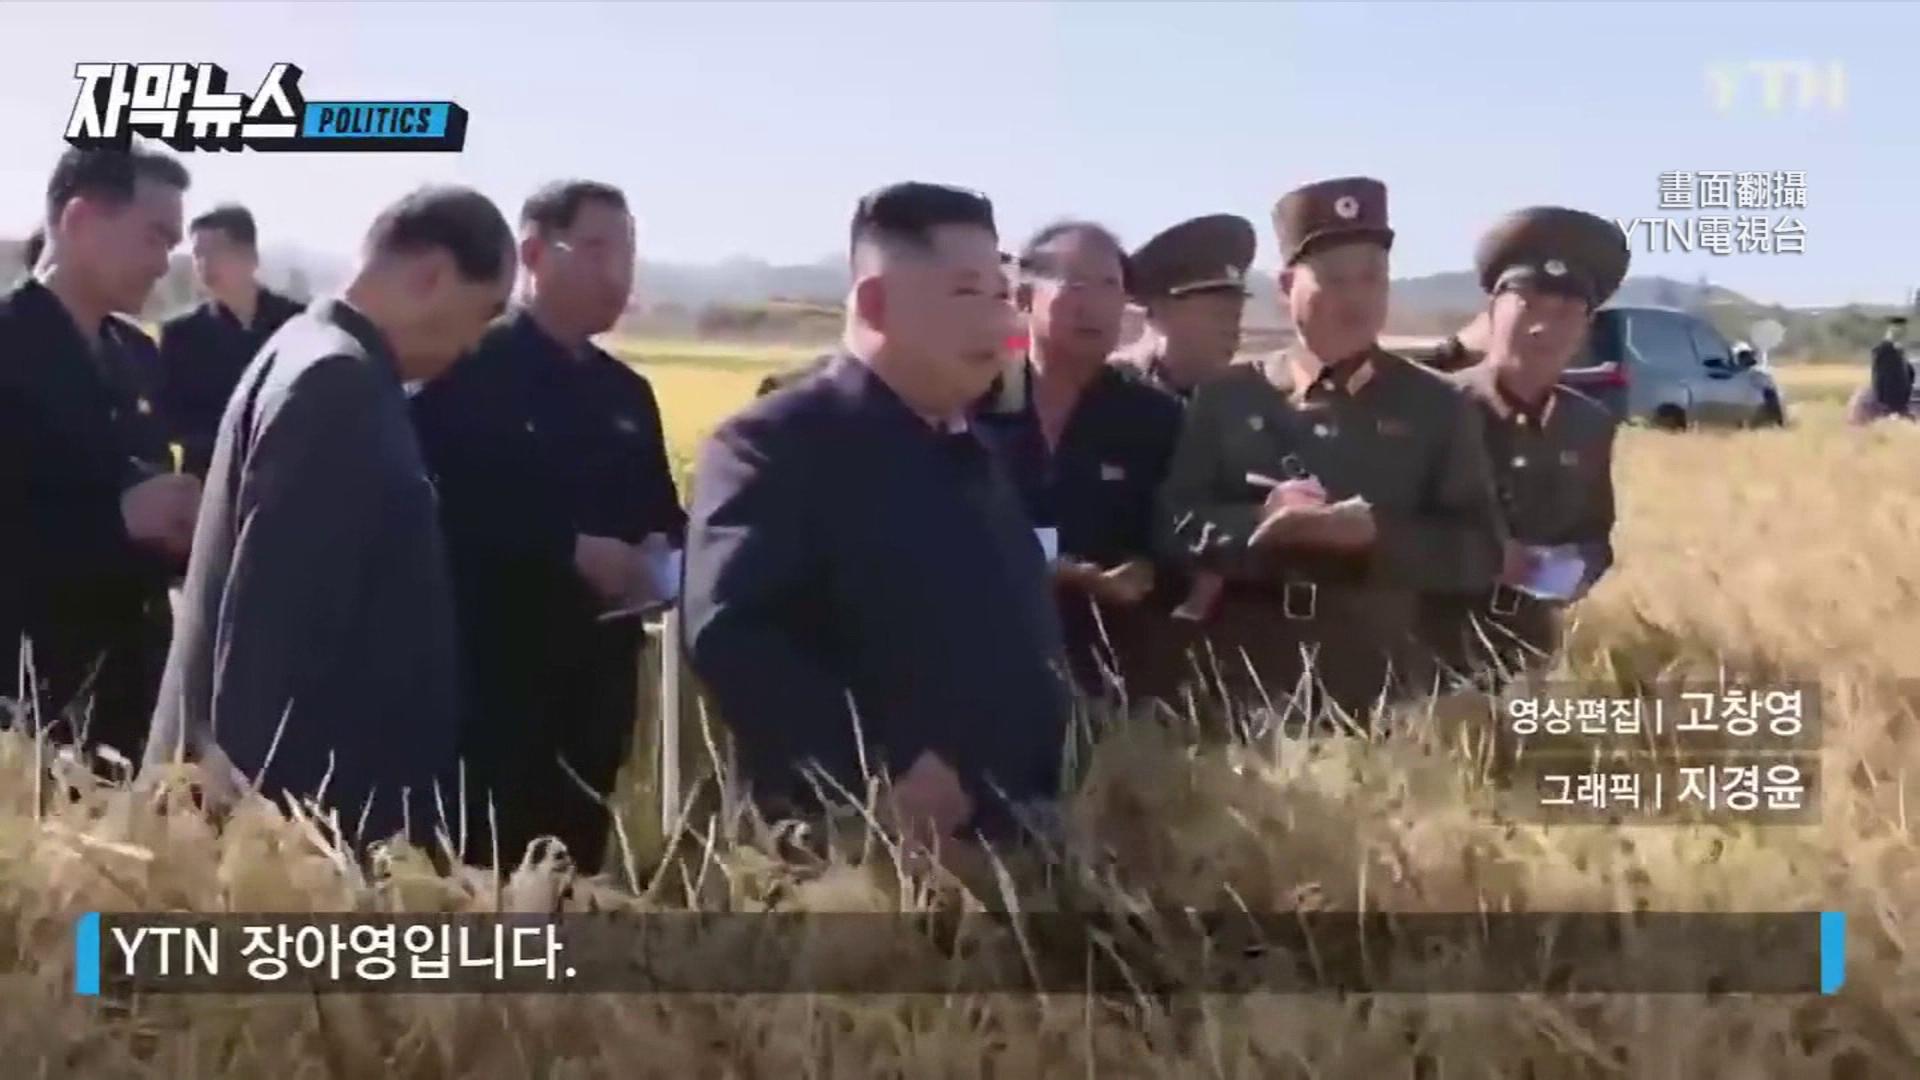 爆冬季缺糧危機! 北韓防疫重啟「超特級」 陸海空交通全面封鎖